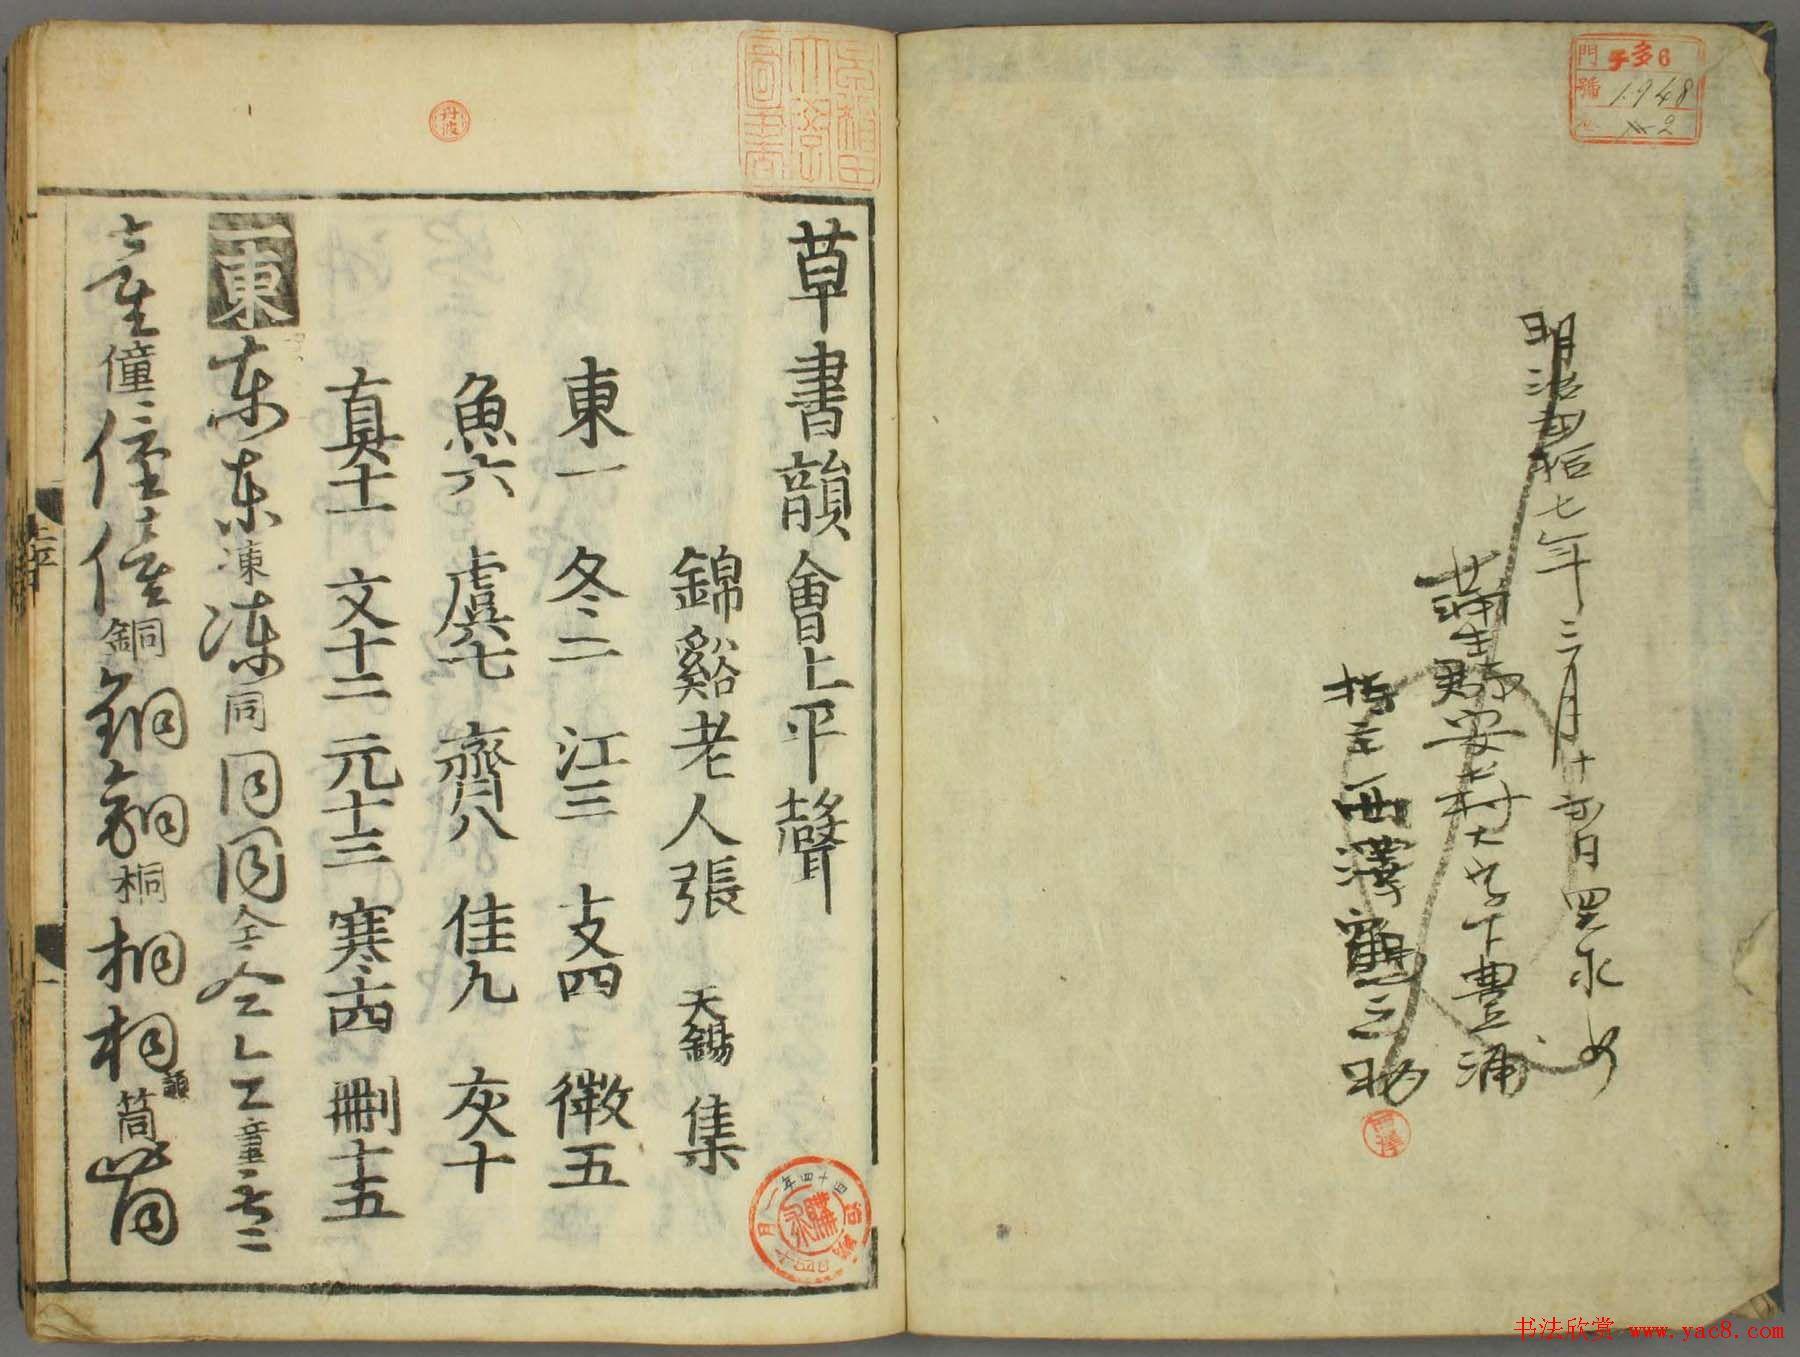 古籍图书张天锡集王羲之《草书韵会》